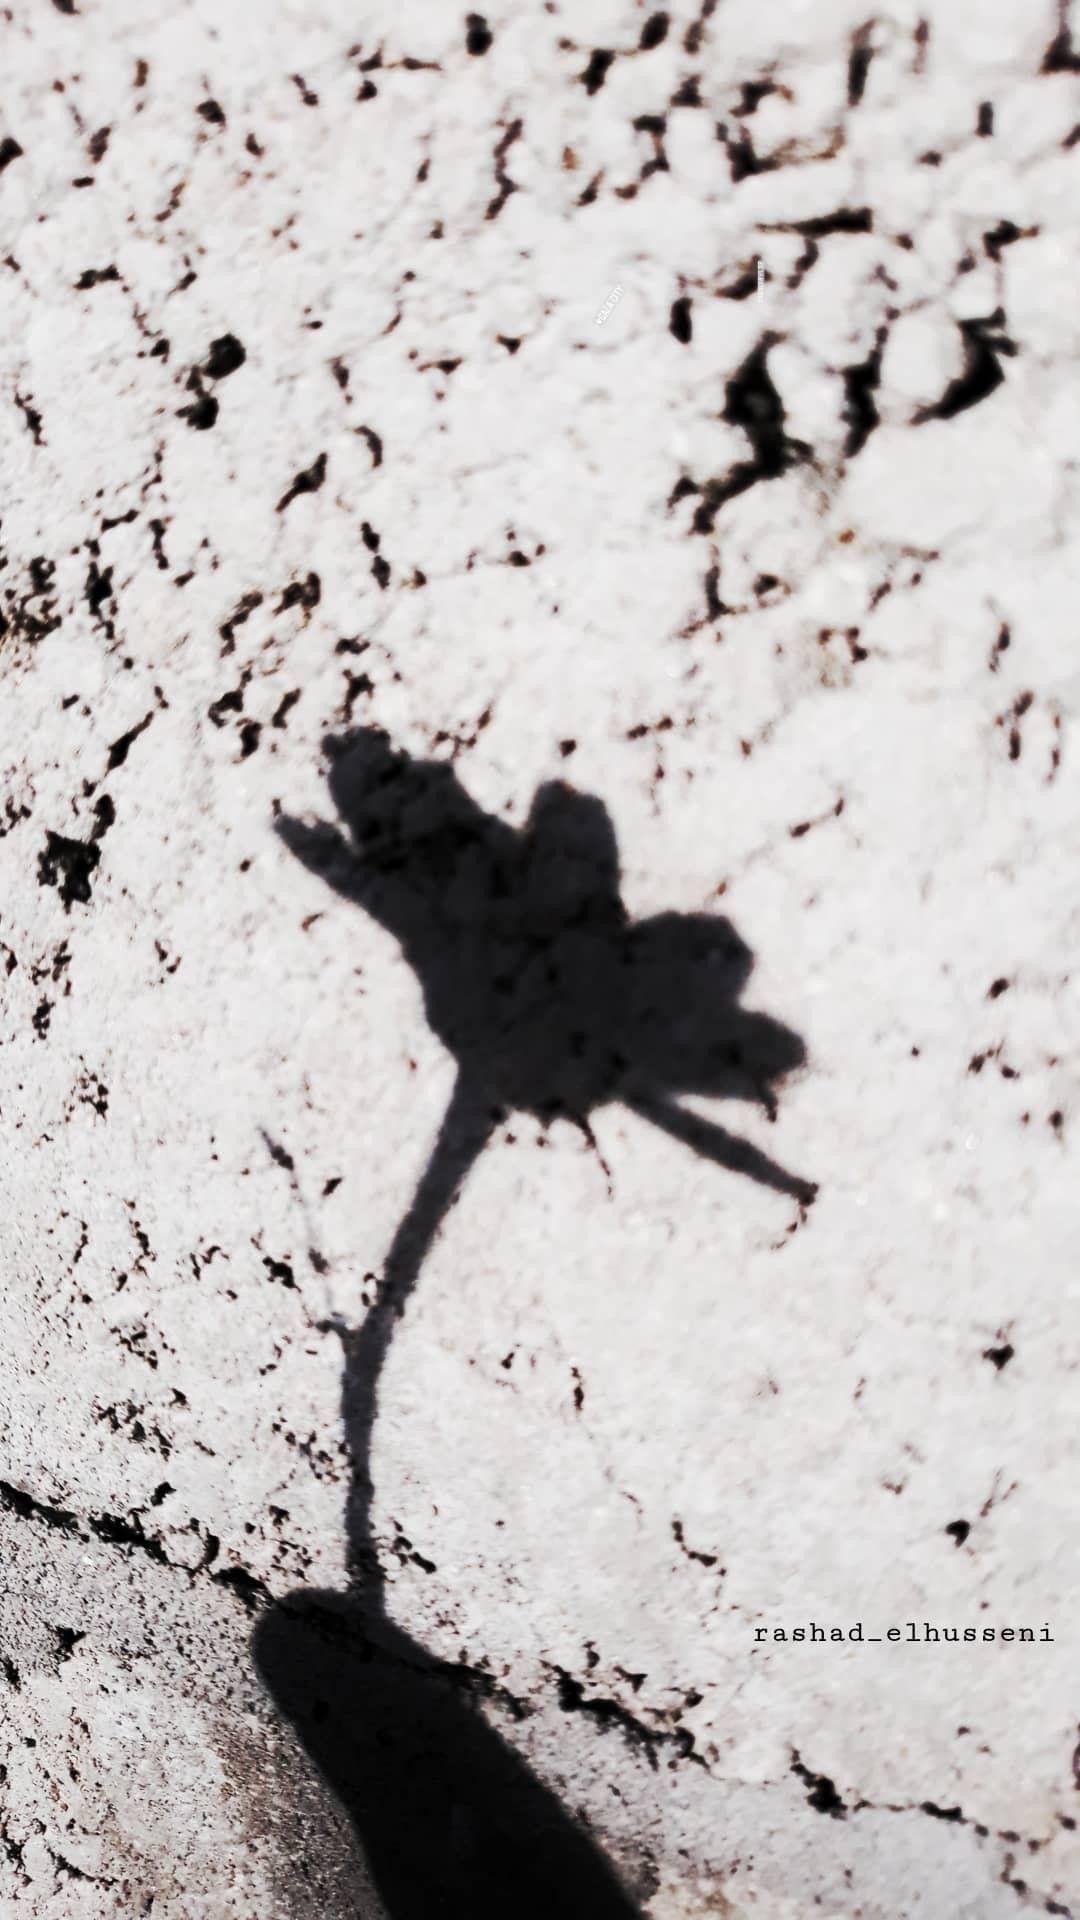 لقطة لقطه تصوير تصويري صورة كاميرا كانون نيكون عدستي عرب فوتو لقتطي لقطة جميلة غرد بصور Instagram Instagram Photo Photo And Video